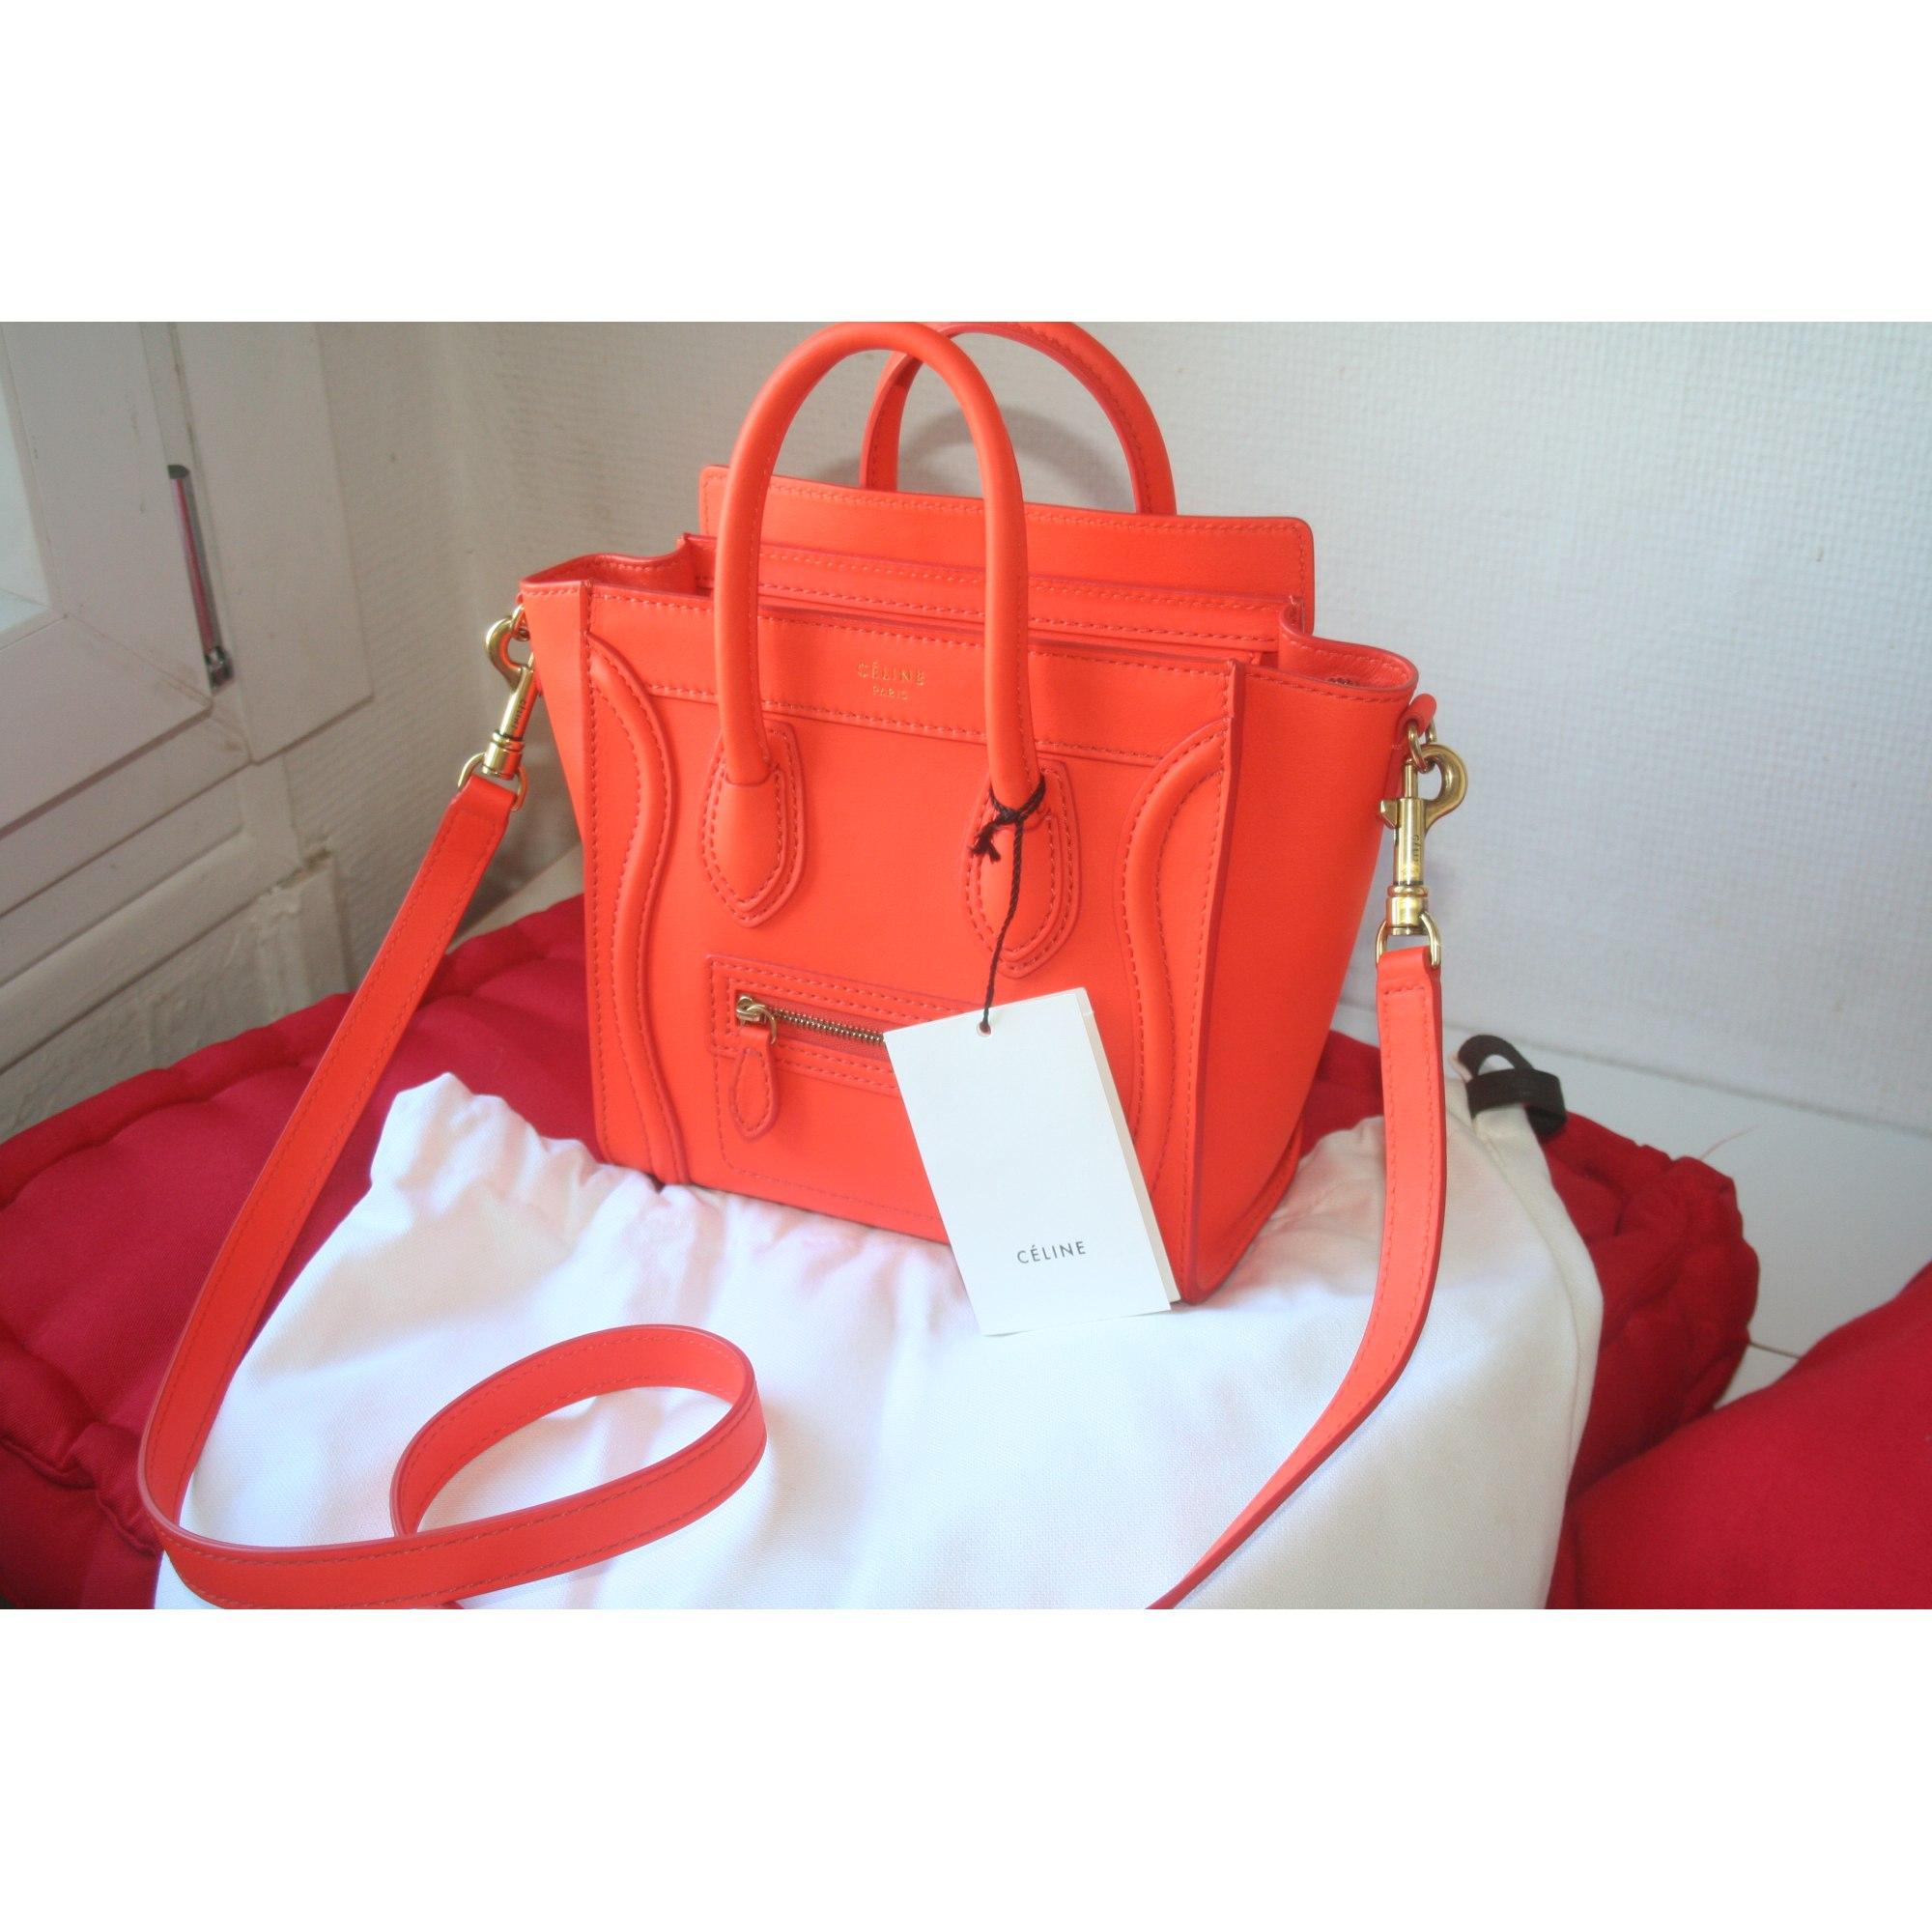 652c801c39 Sac en bandoulière en cuir CÉLINE nano luggage orange vendu par ...